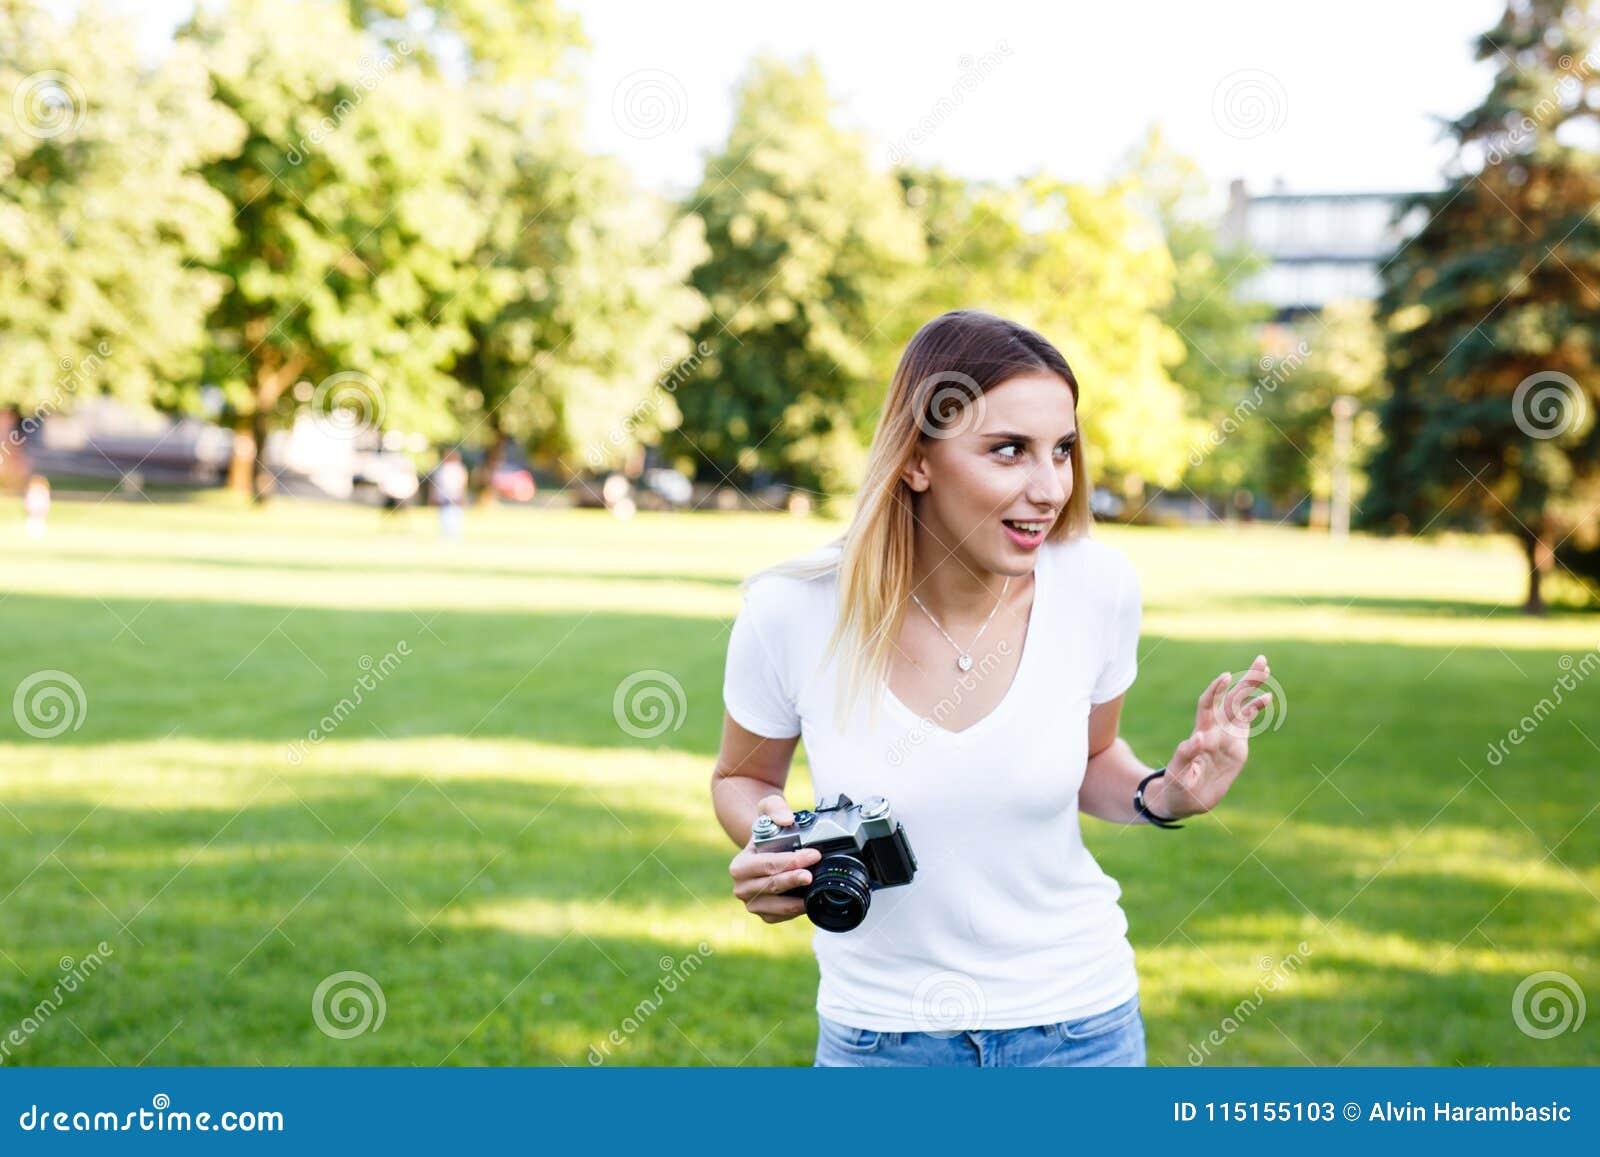 Leuk meisje die op zonnige dag in parkeren met haar camera lopen